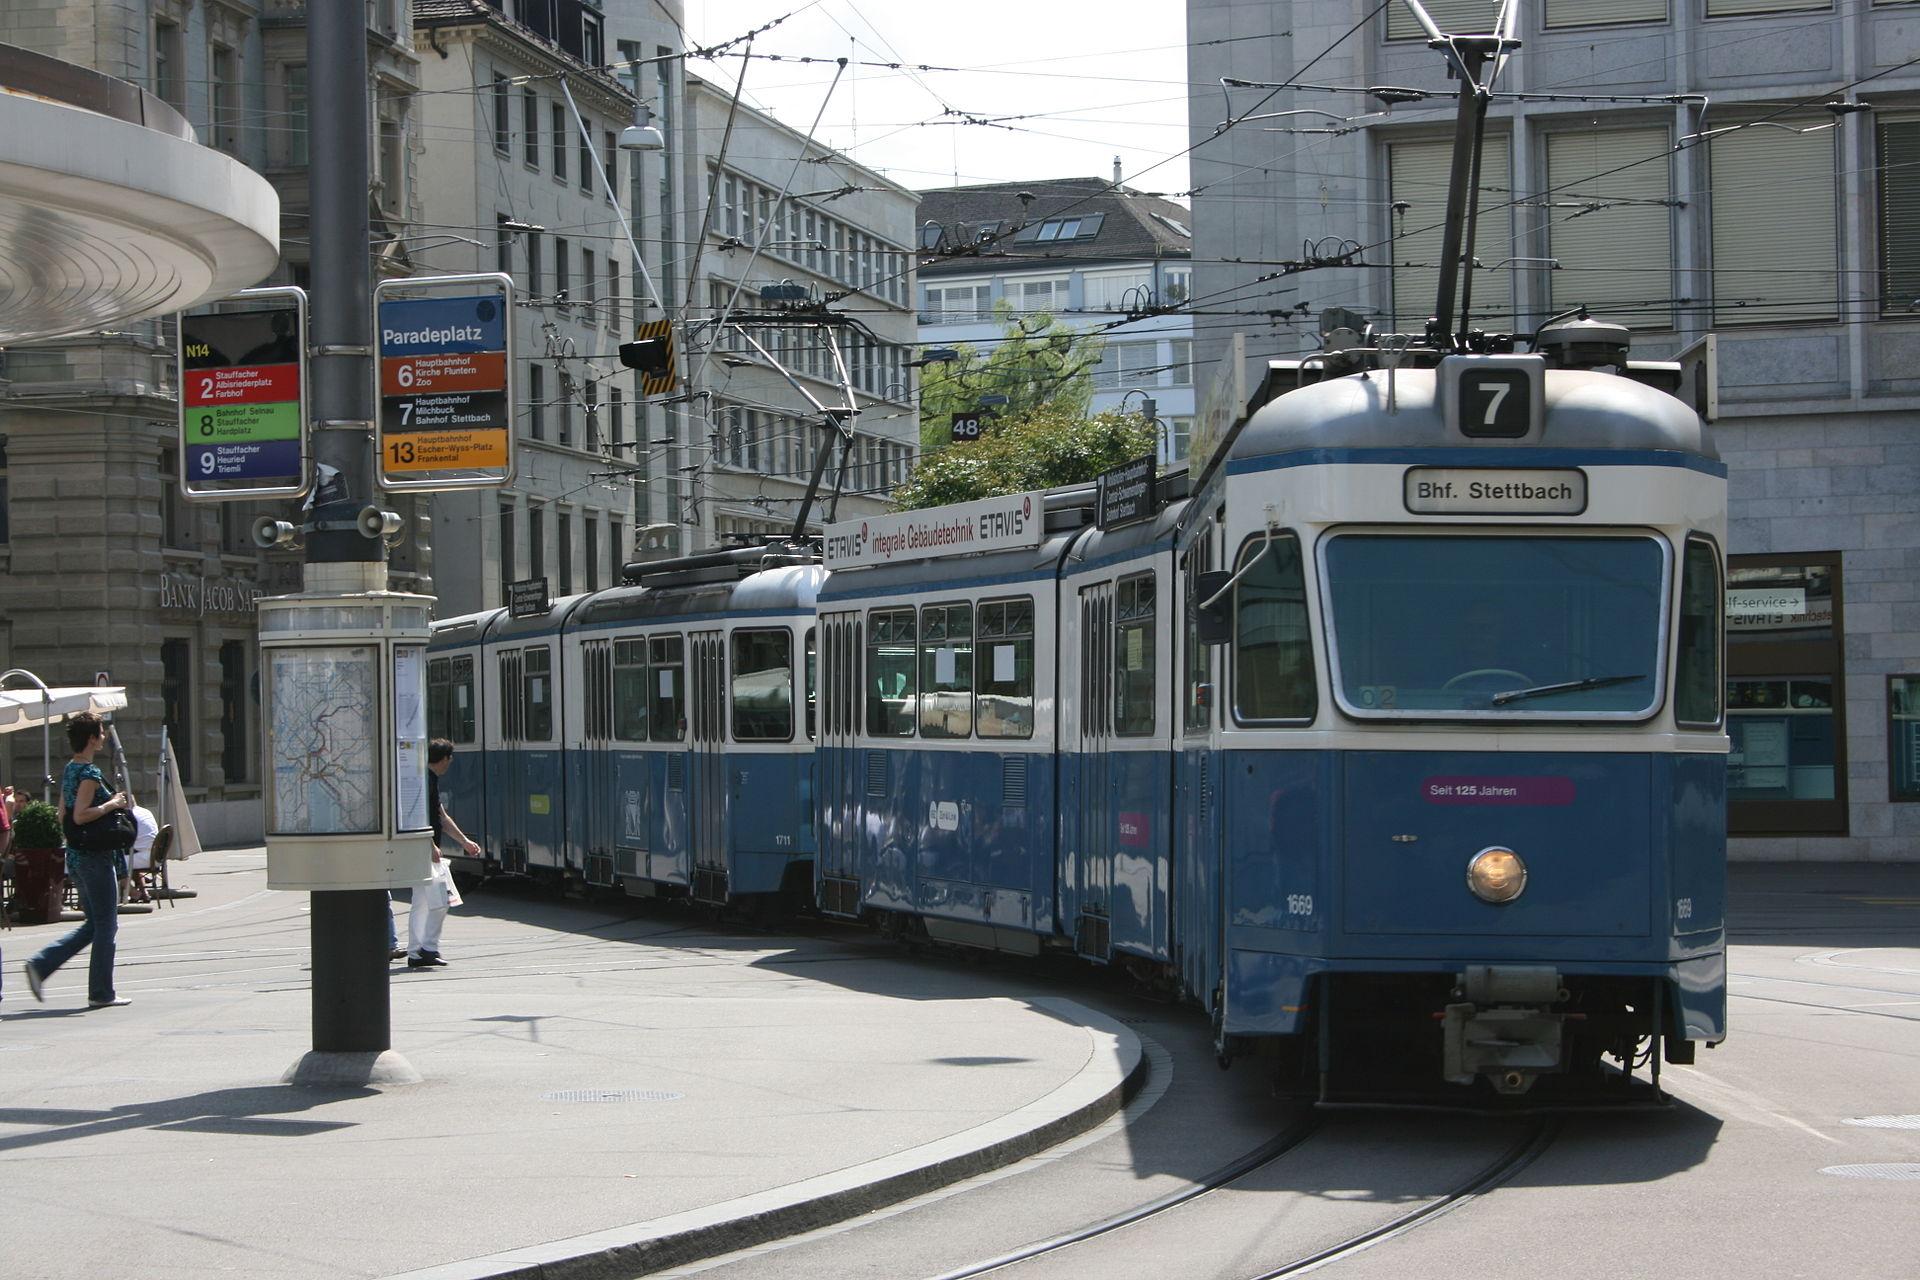 No._7_Tram,_Parade_Platz